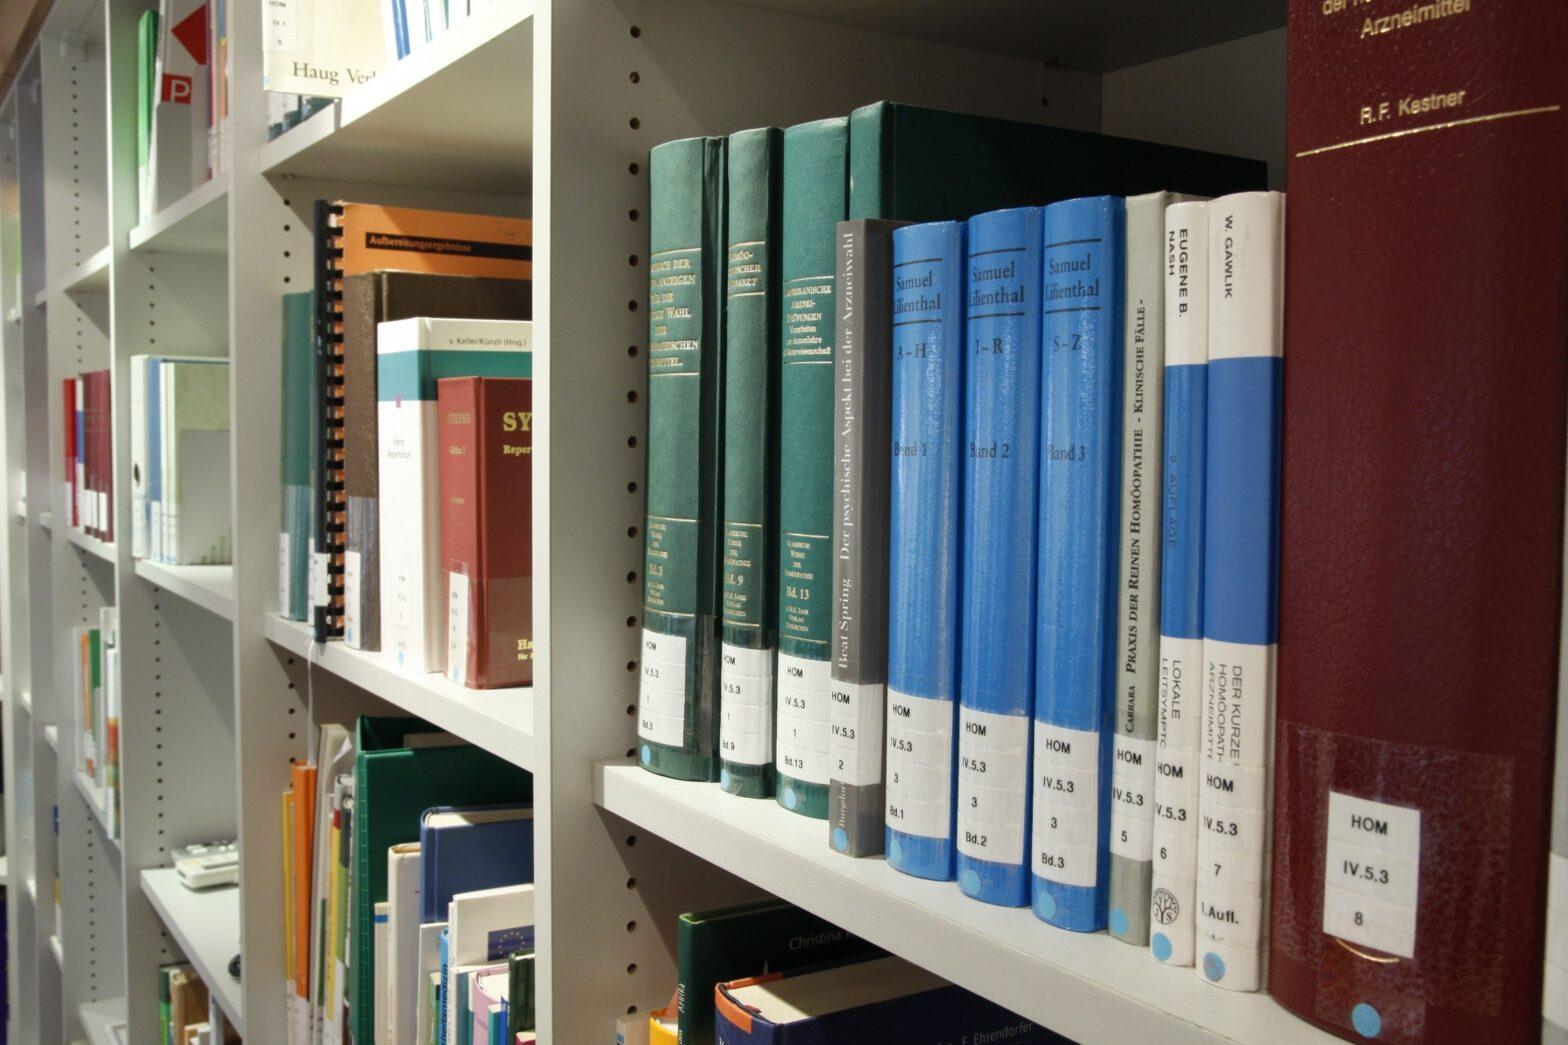 كتب مجانية في علوم البيانات